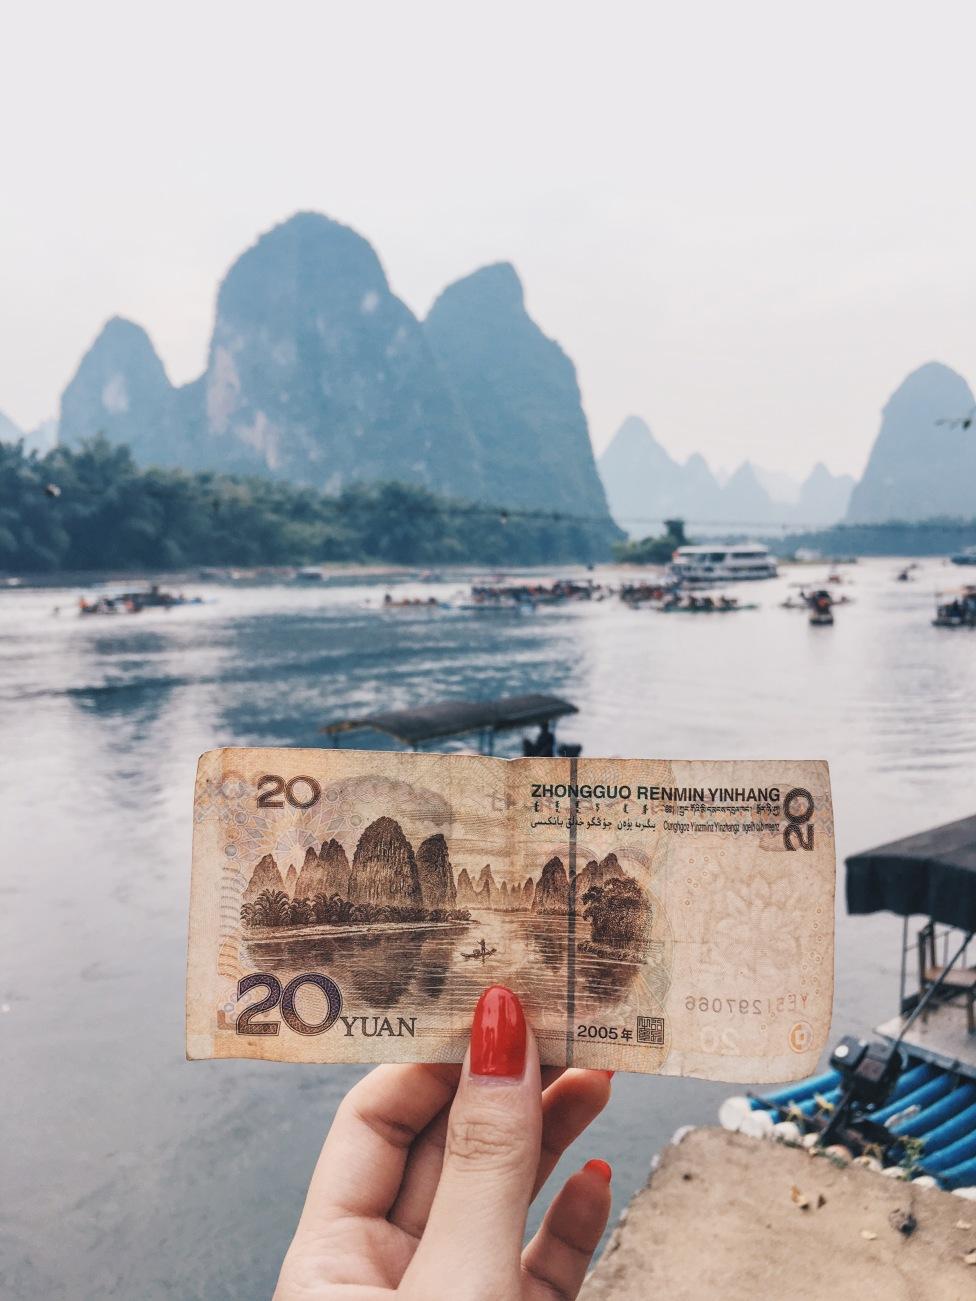 20-yuan note view in Xingping